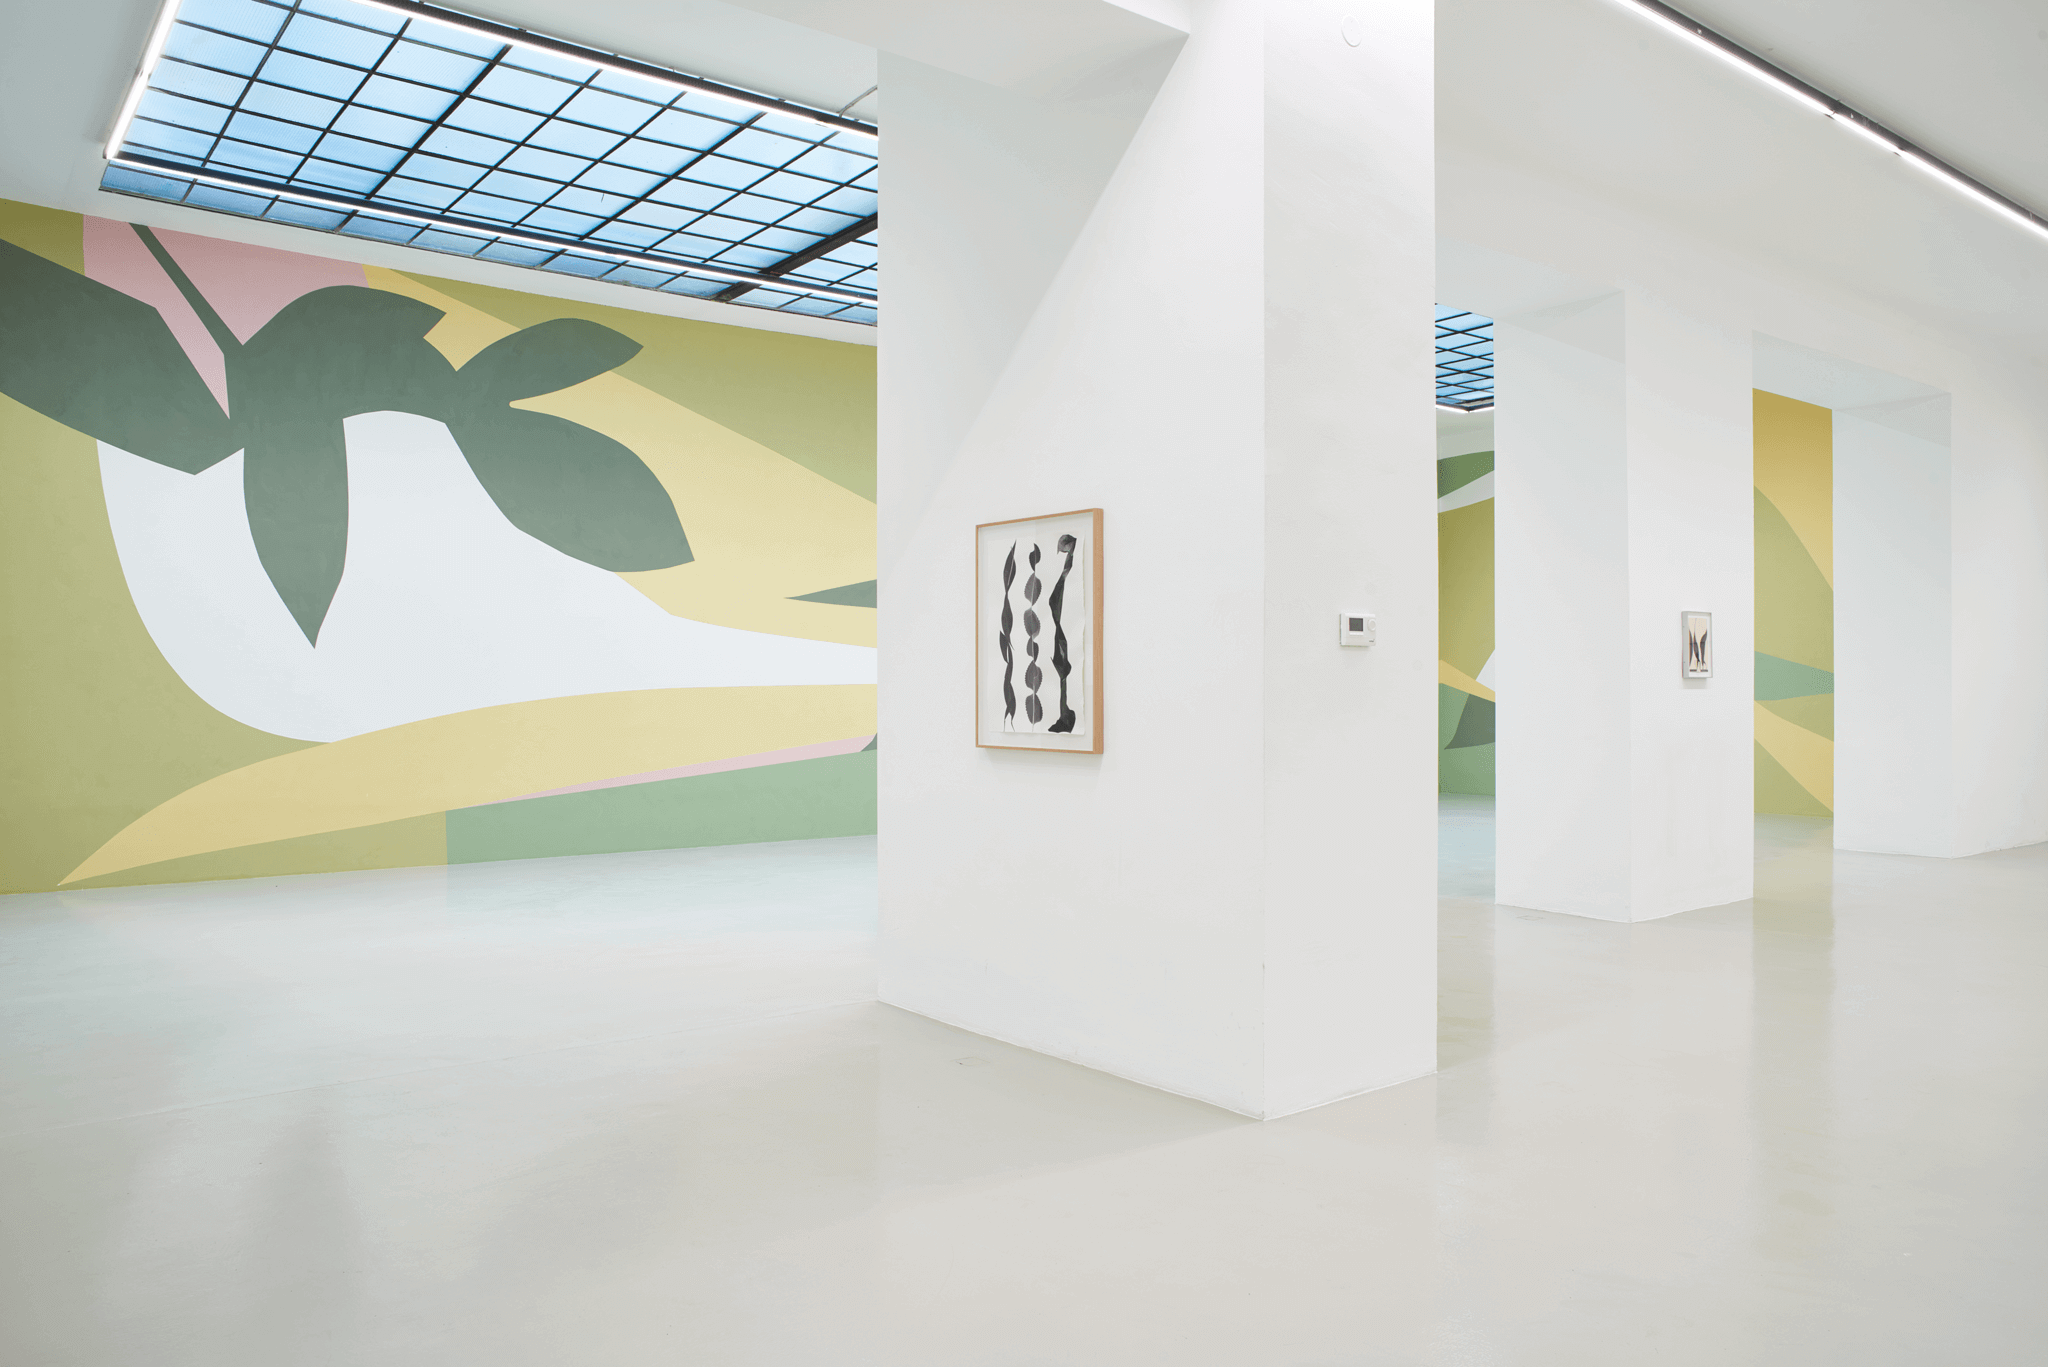 104_Frauke-Dannert_Collage_Ausstellung_Folie_Galerie-Lisa-Kandlhofer_Wien_2018-kl